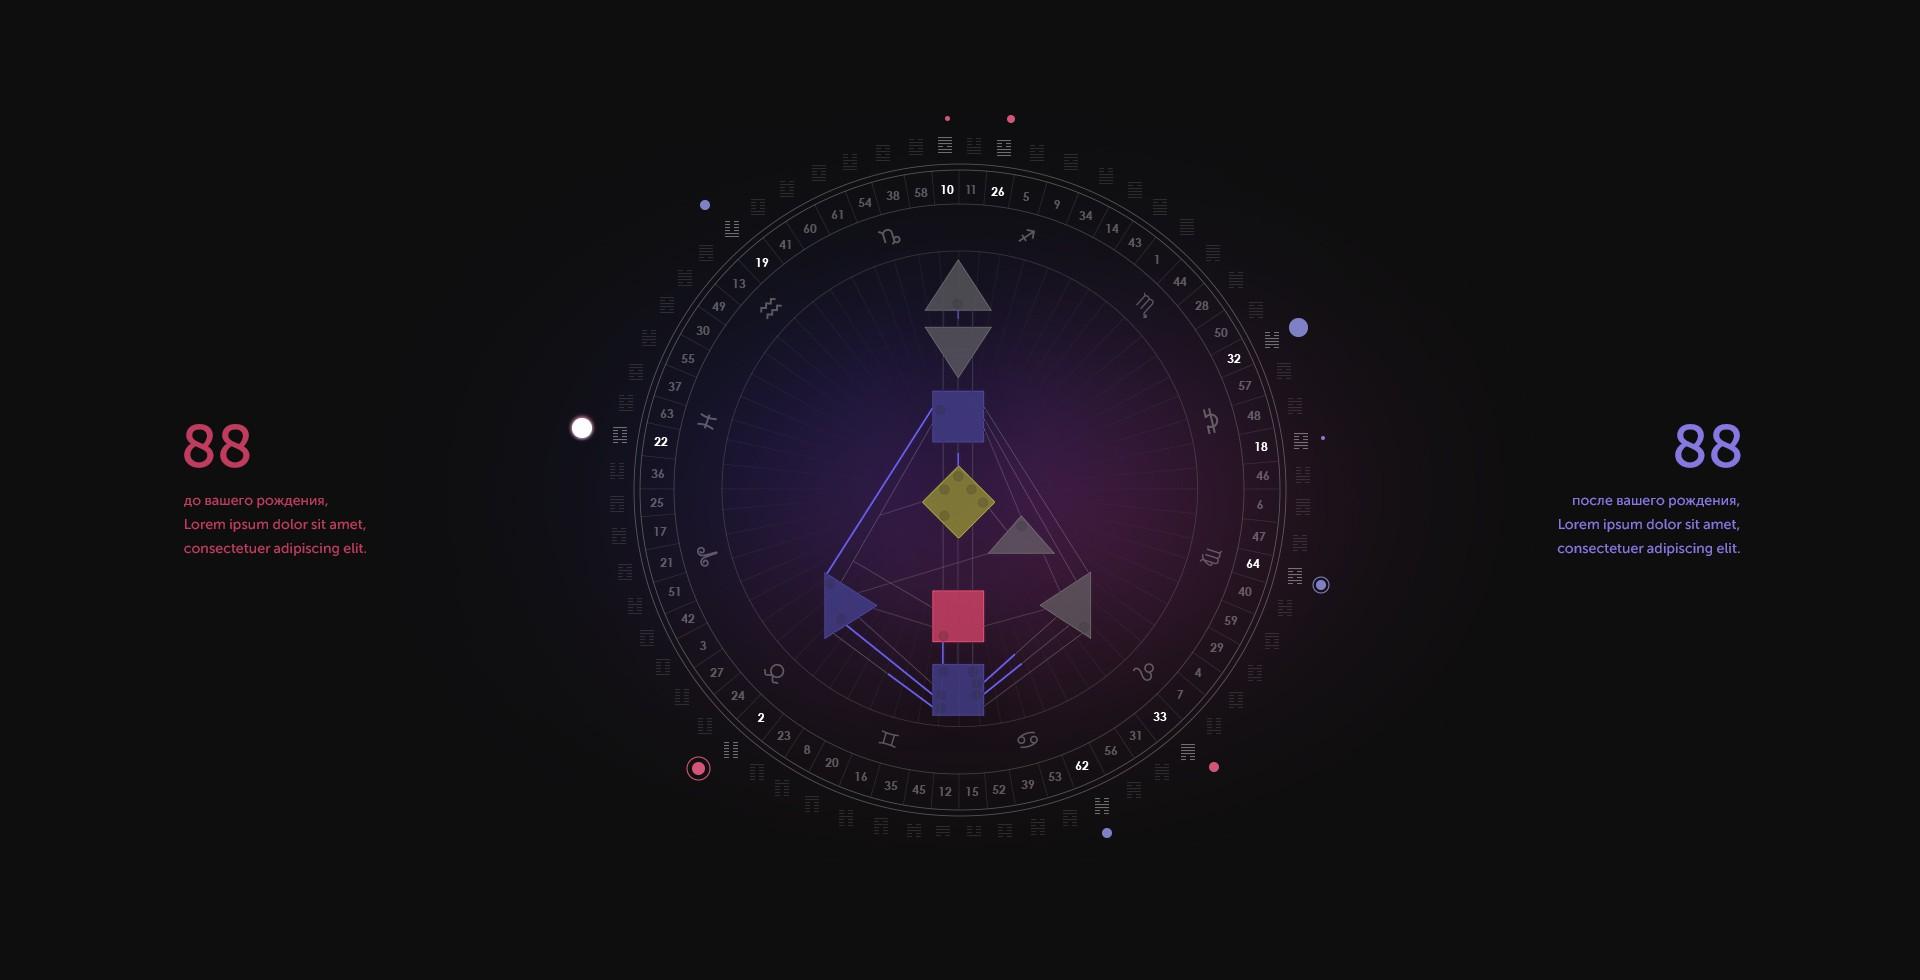 HDX ui/ux design rework